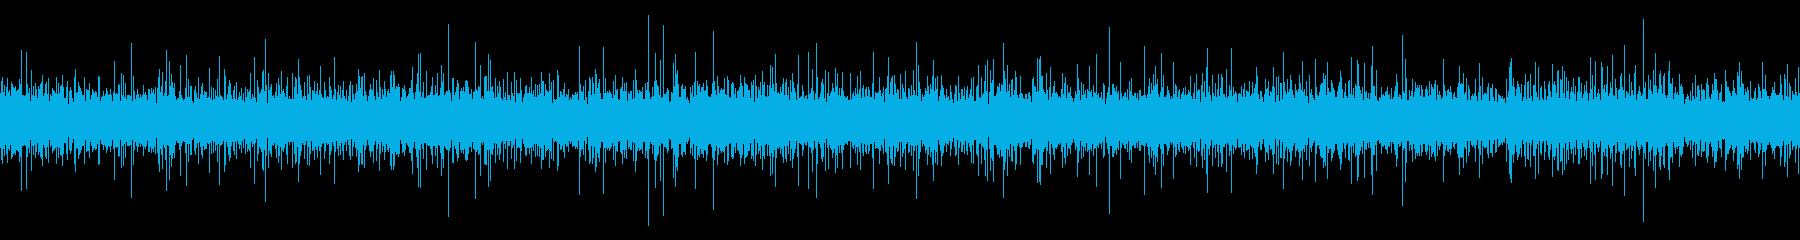 用水路の音【田舎、晩秋、夜】ループの再生済みの波形